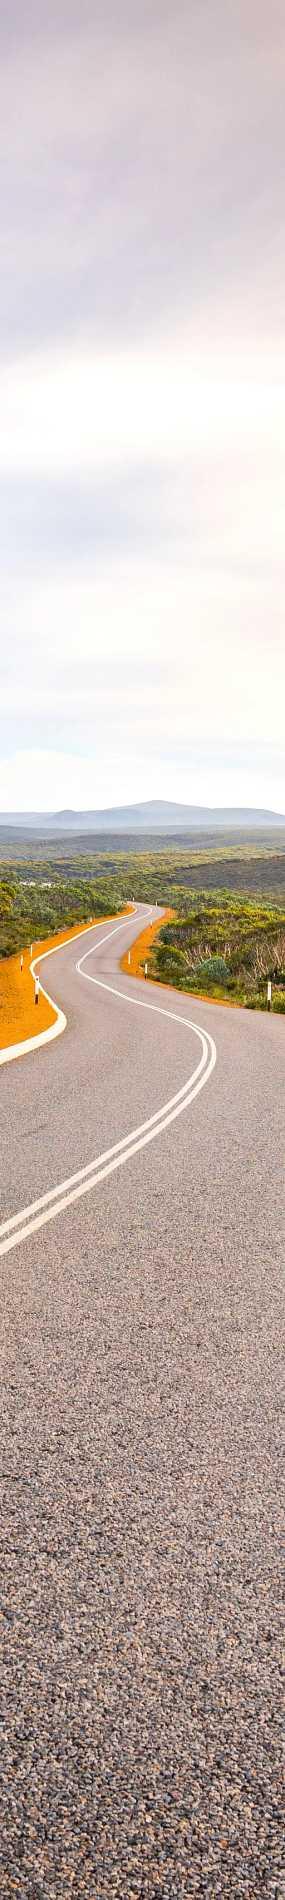 Roam near or far across Australia - Regular